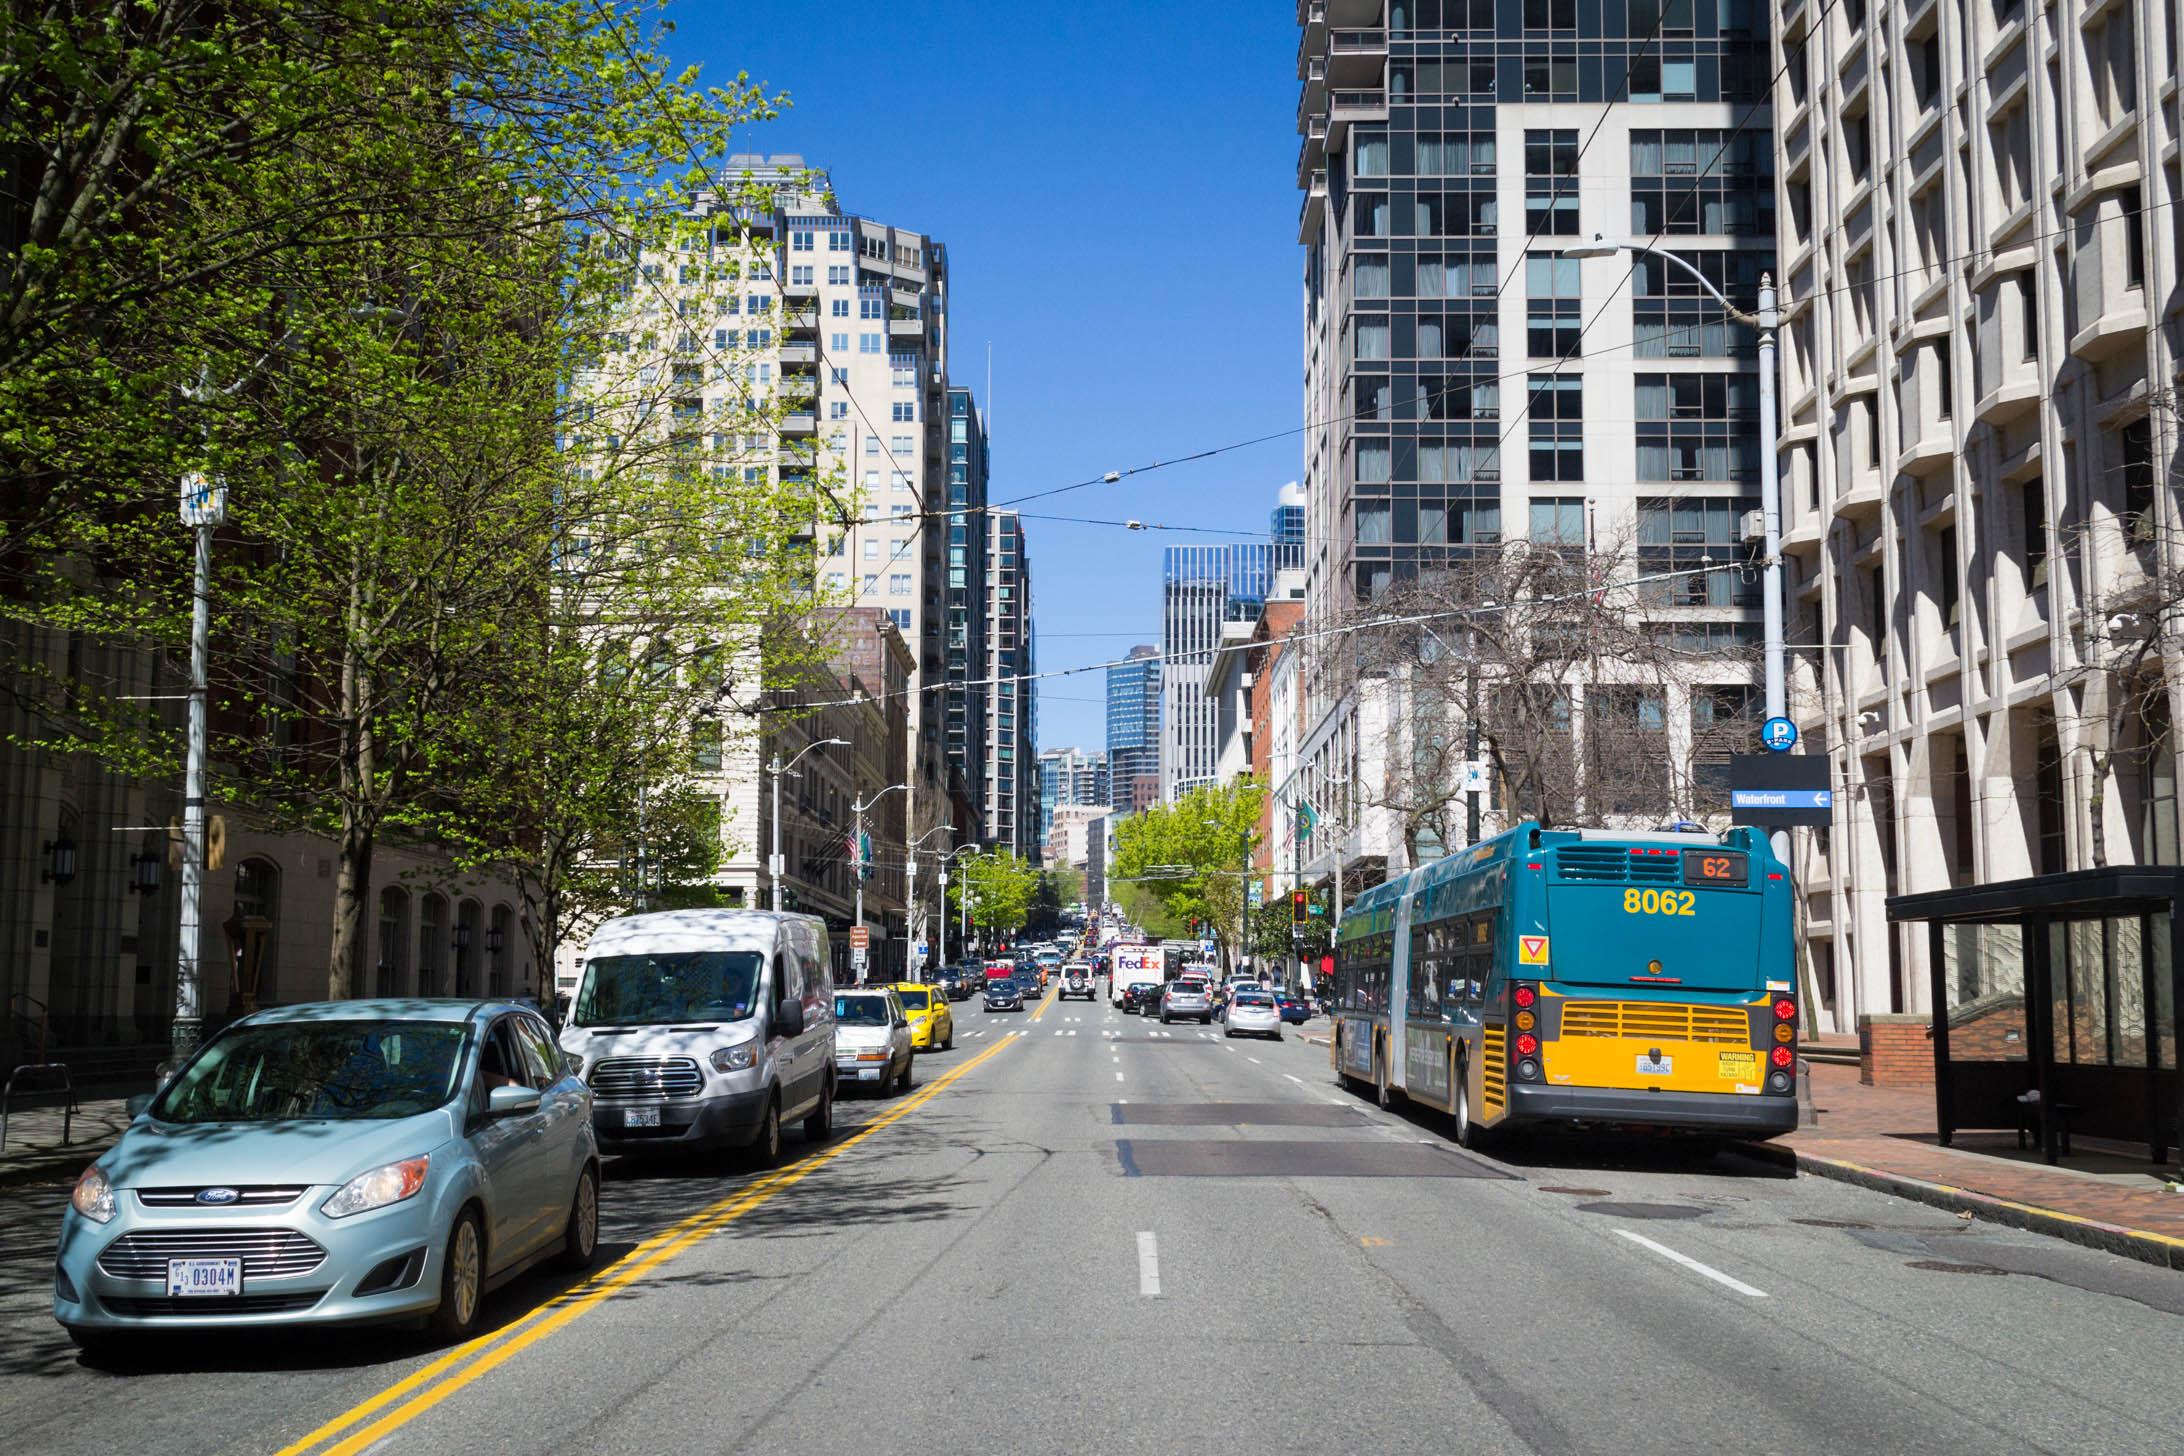 Seattle au milieu du Downtown